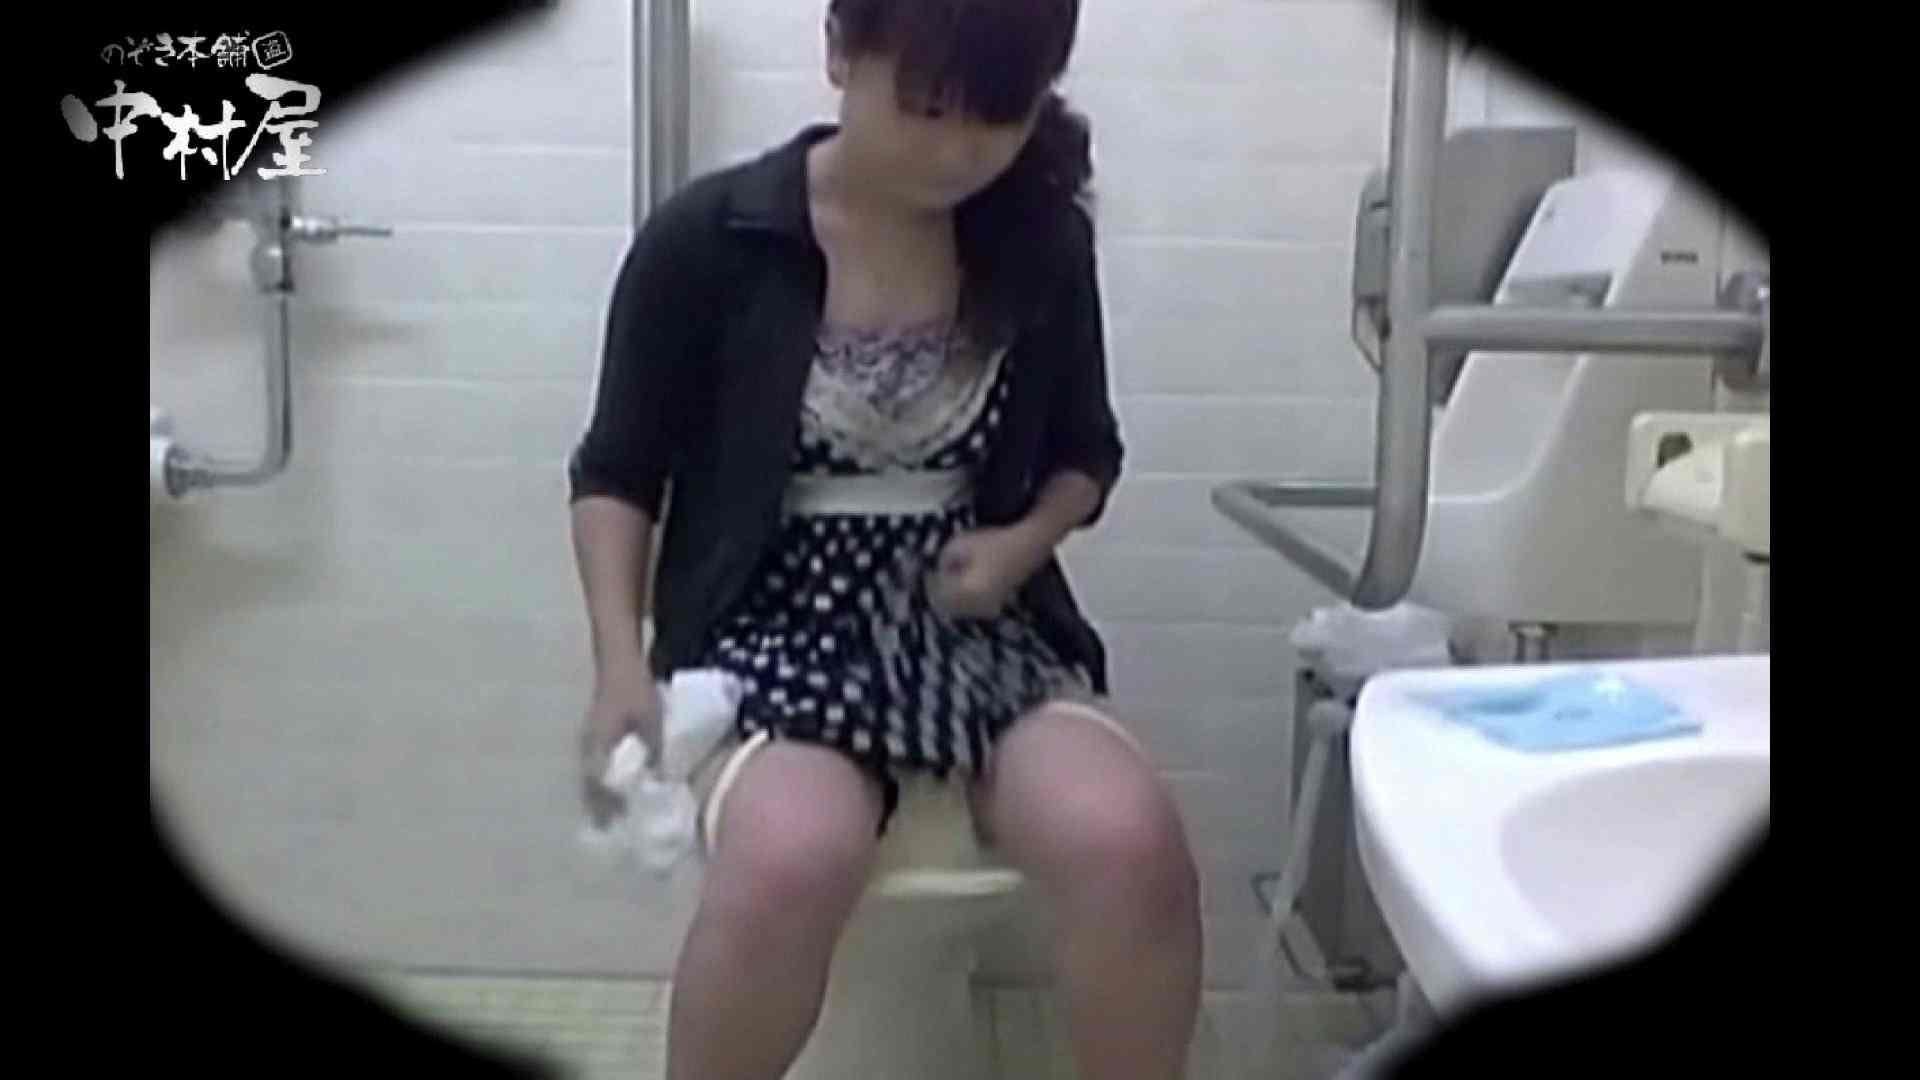 teen galトイレ覗き紙がナイ編‼vol.12 トイレ | 覗き 盗撮 96PIX 4